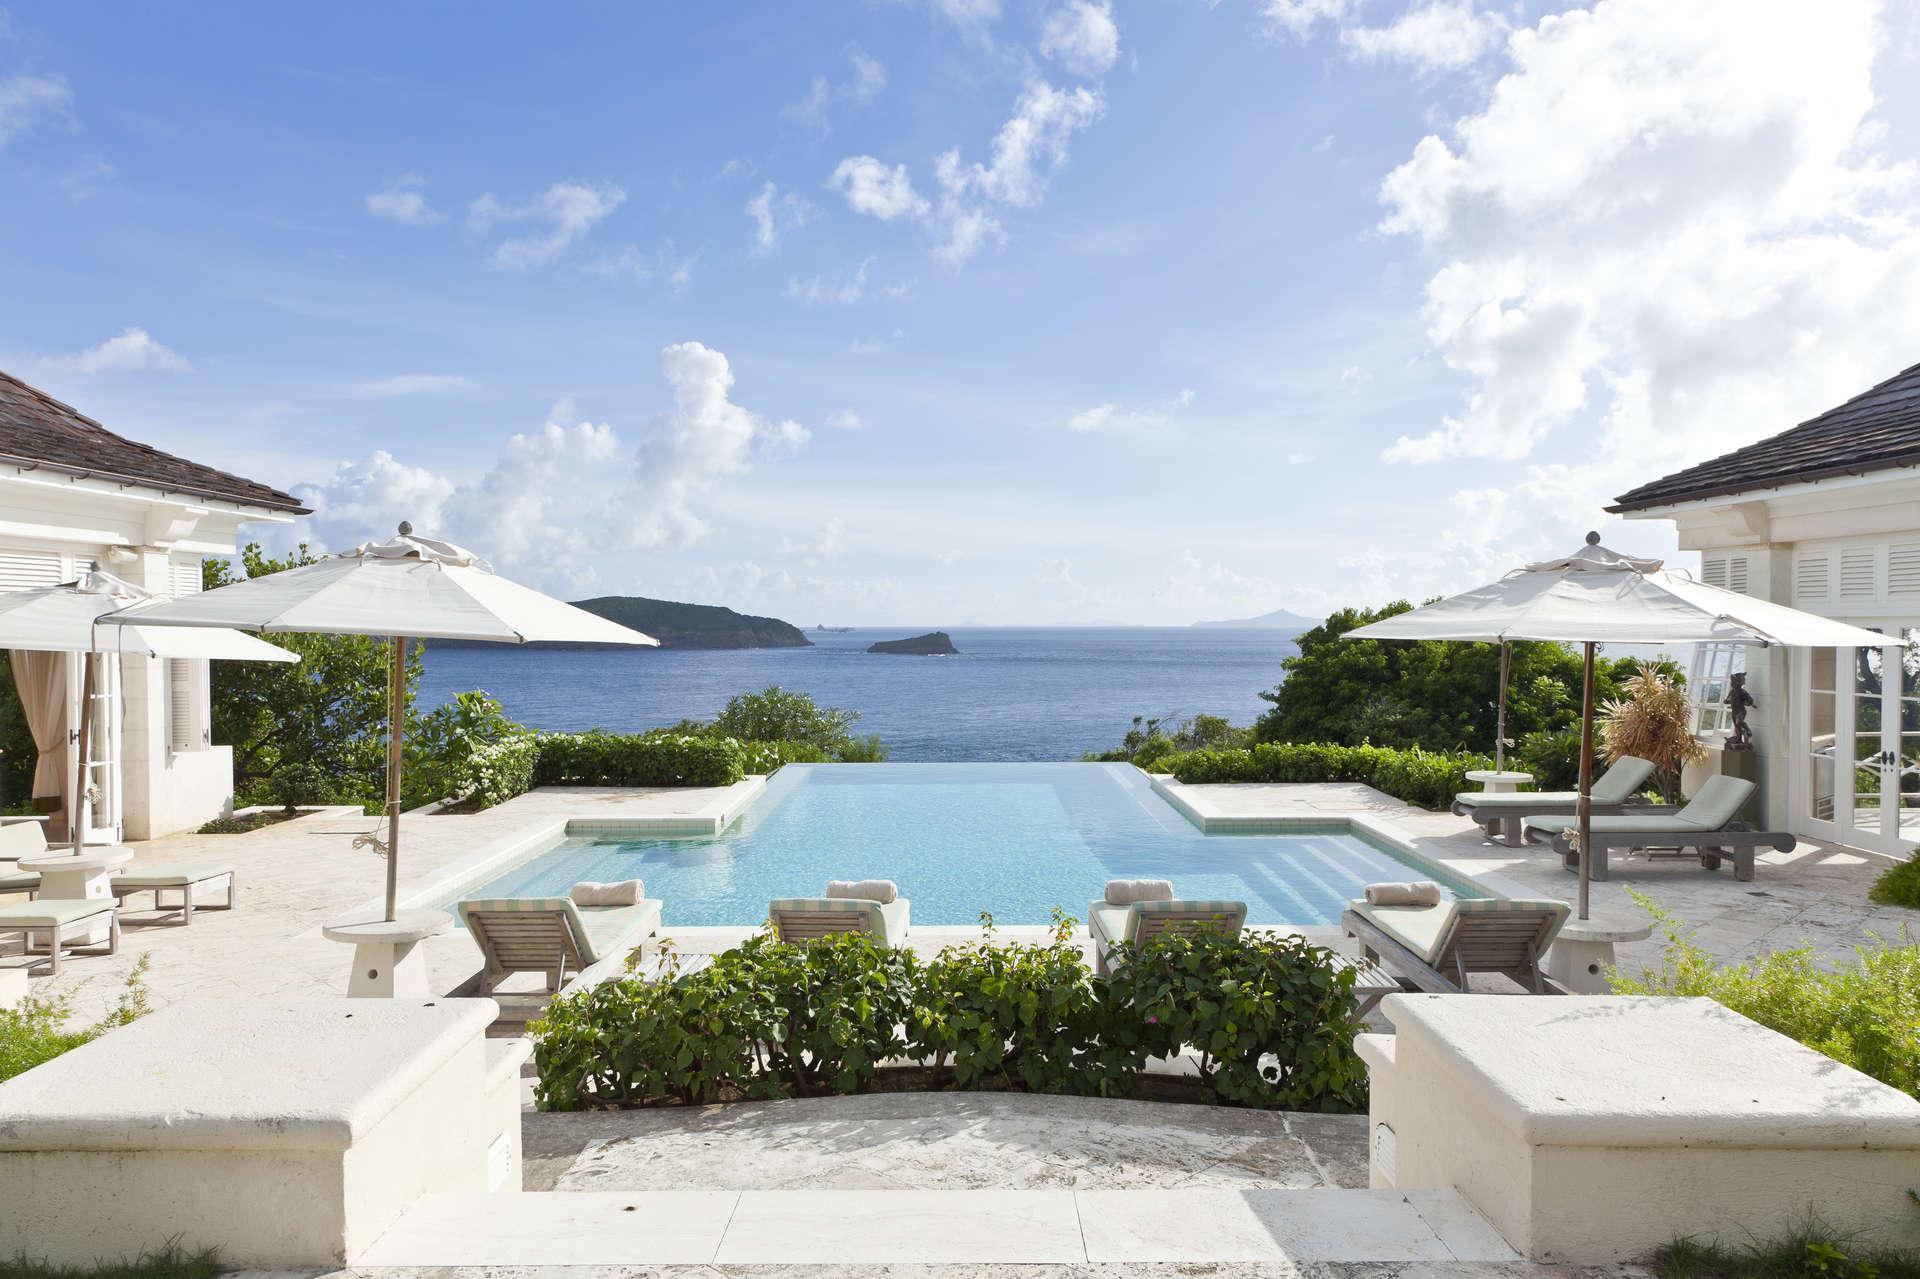 Luxury villa rentals caribbean - St vincent and the grenadines - St vincent - Mustique - Les Jolies Eaux - Image 1/26